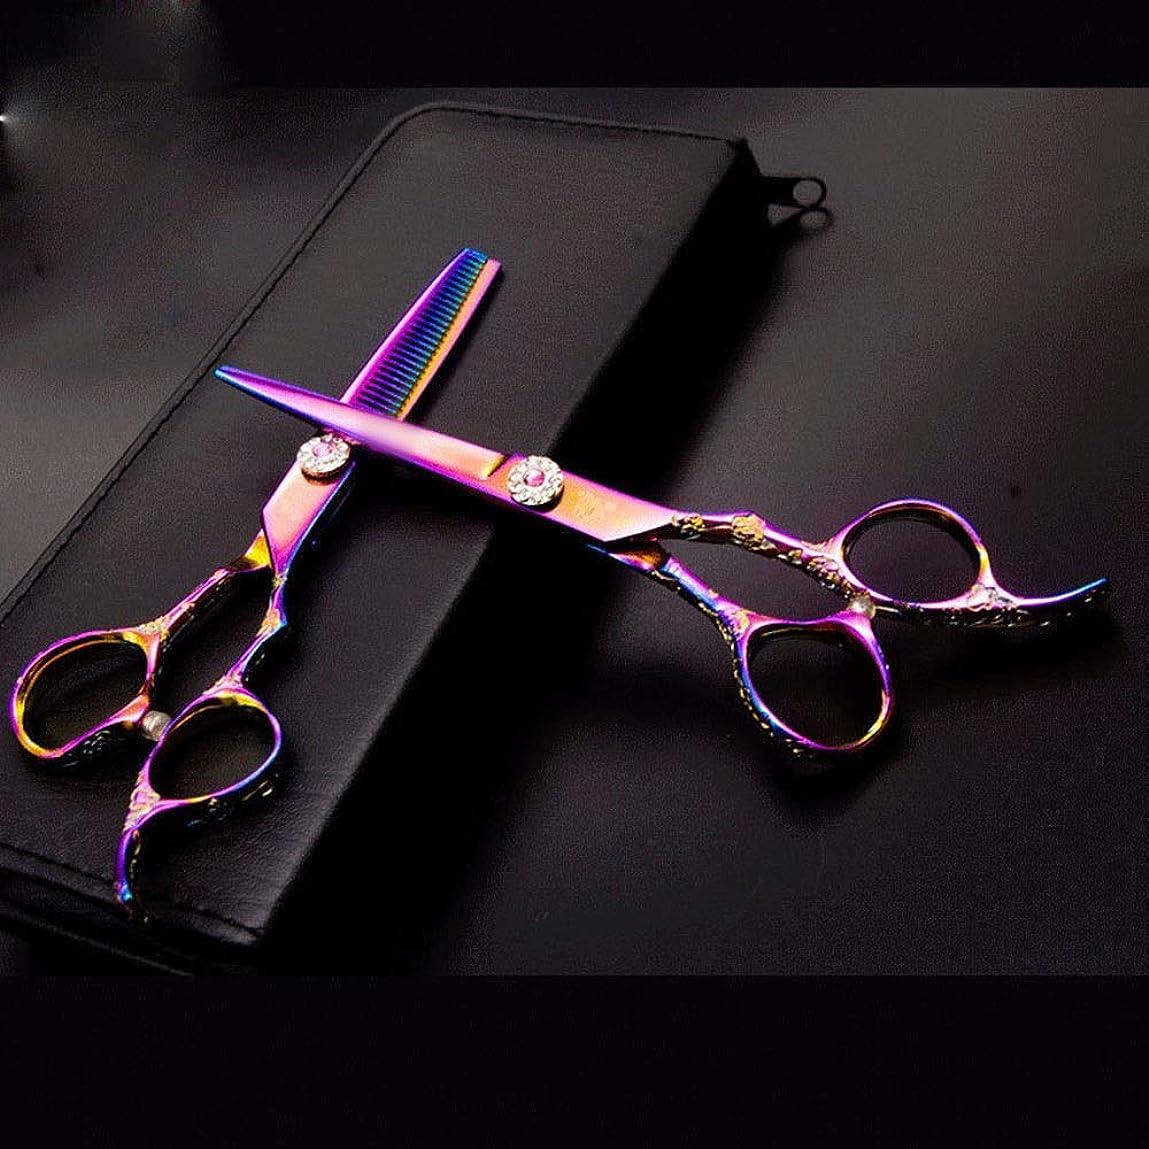 くしゃみ憲法スリッパ6インチ美容院プロのヘアカットフラット+歯はさみセット、カラフルな彫刻が施された散髪ツールセット モデリングツール (色 : Colors)